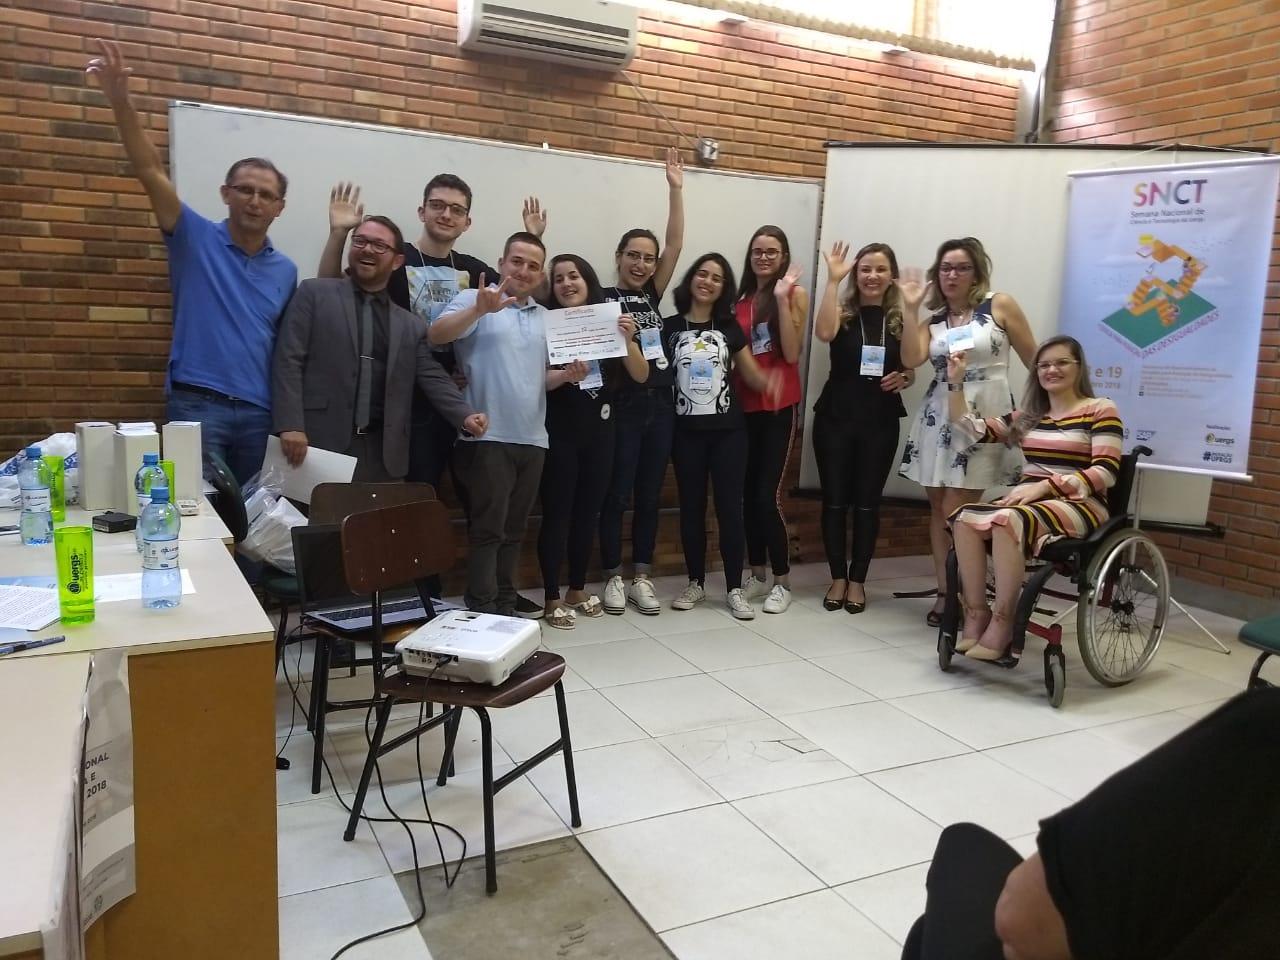 Vereadora Fernanda Garcia participa de banca avaliadora em evento da Semana Nacional de Ciência e Tecnologia